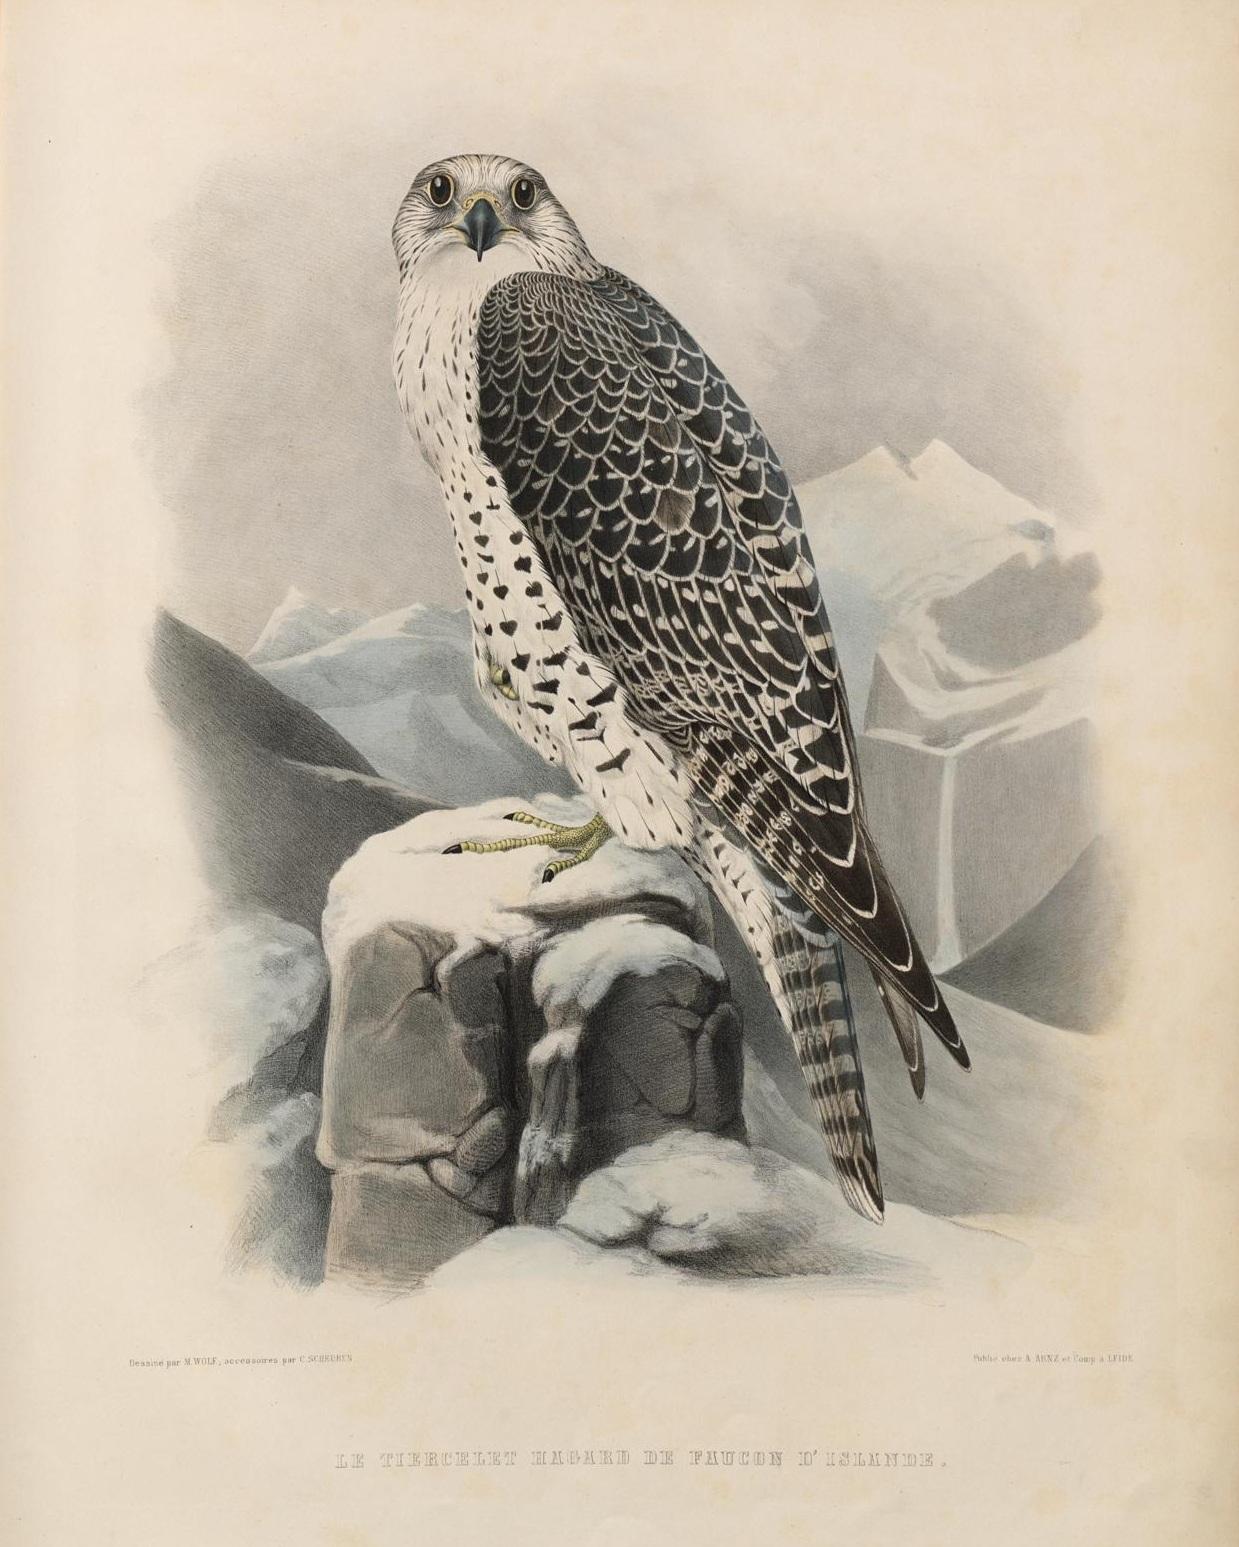 Le tiercelet Hagard de faucon d'Islande in 'Traité de Fauconnerie' by H Schlegel, 1853